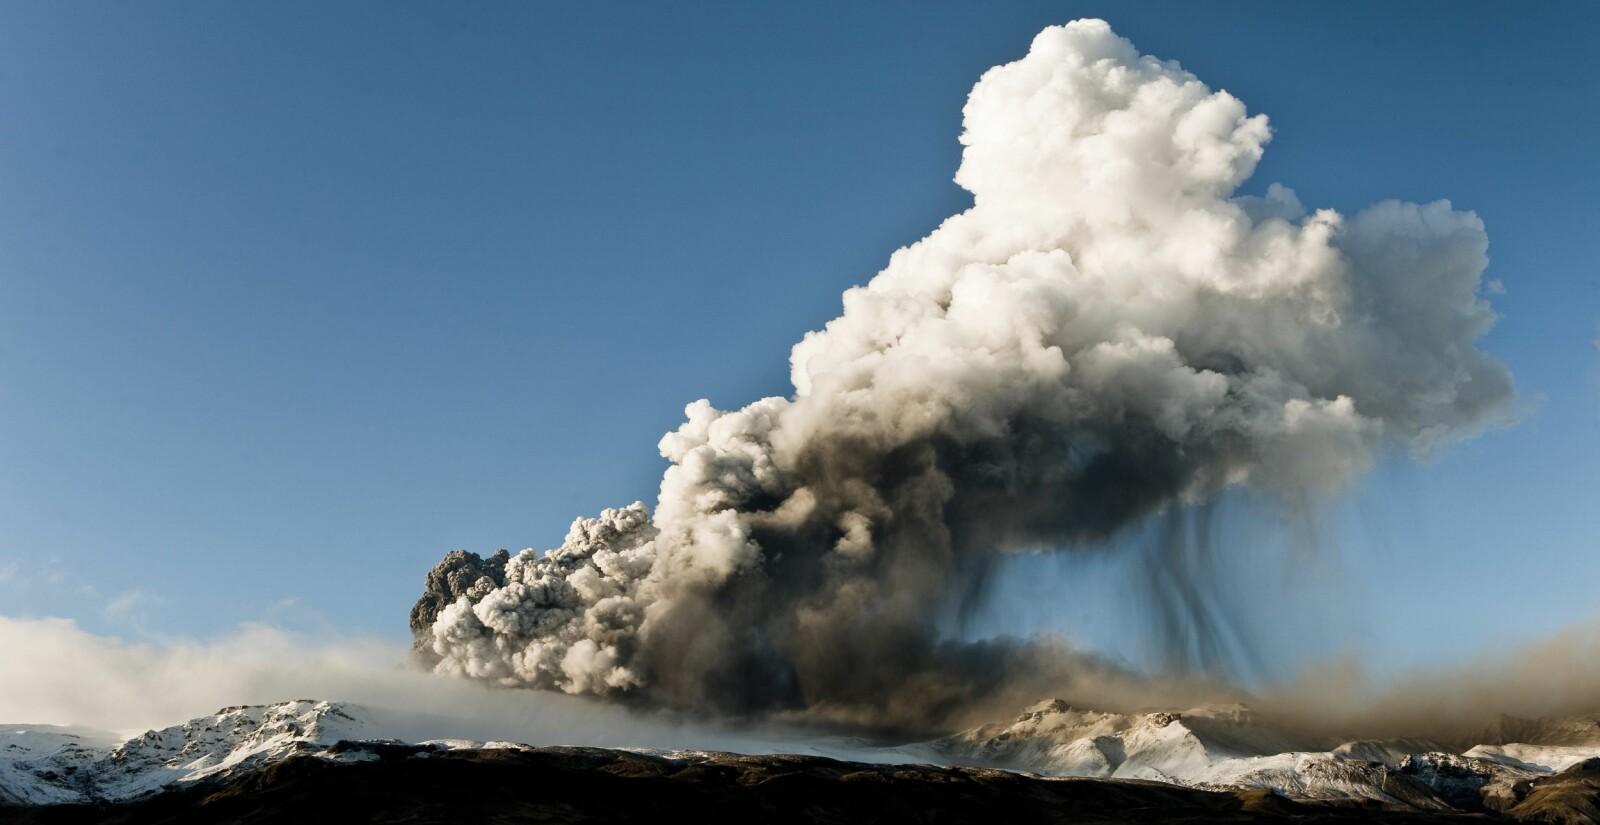 <b>DØDBRINGER: </b>Det var antagelig et vulkanutbrudd på Island som forårsaken den 18 måneder lange «vulkansk vinteren» som startet i år 536. Bildet viser vulkanen Eyjafjallajökull.